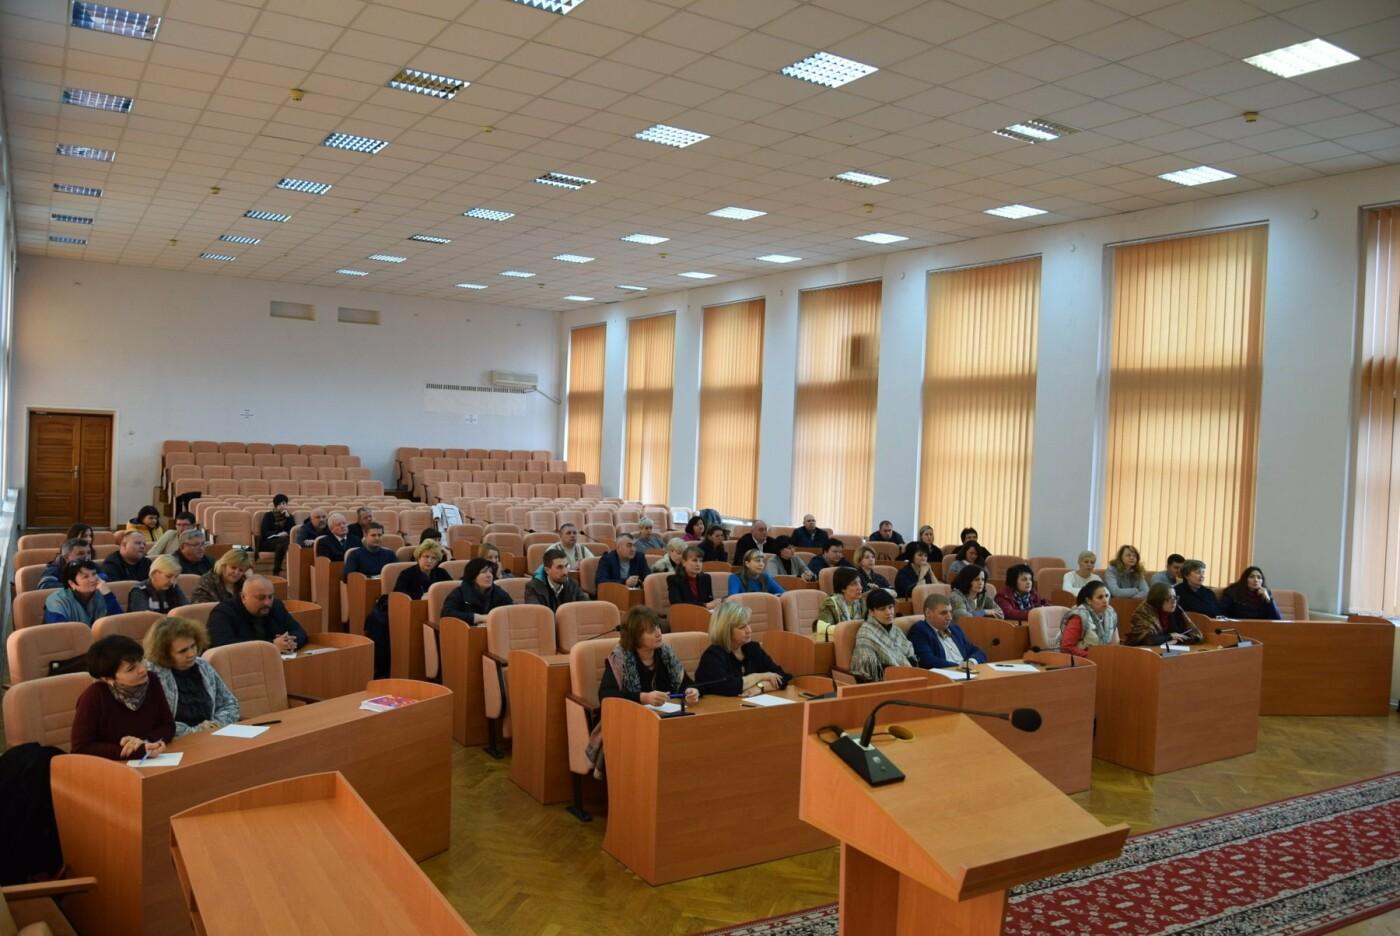 Коллективный диктант: чиновники Каменского проверяли знания украинского языка, фото-1